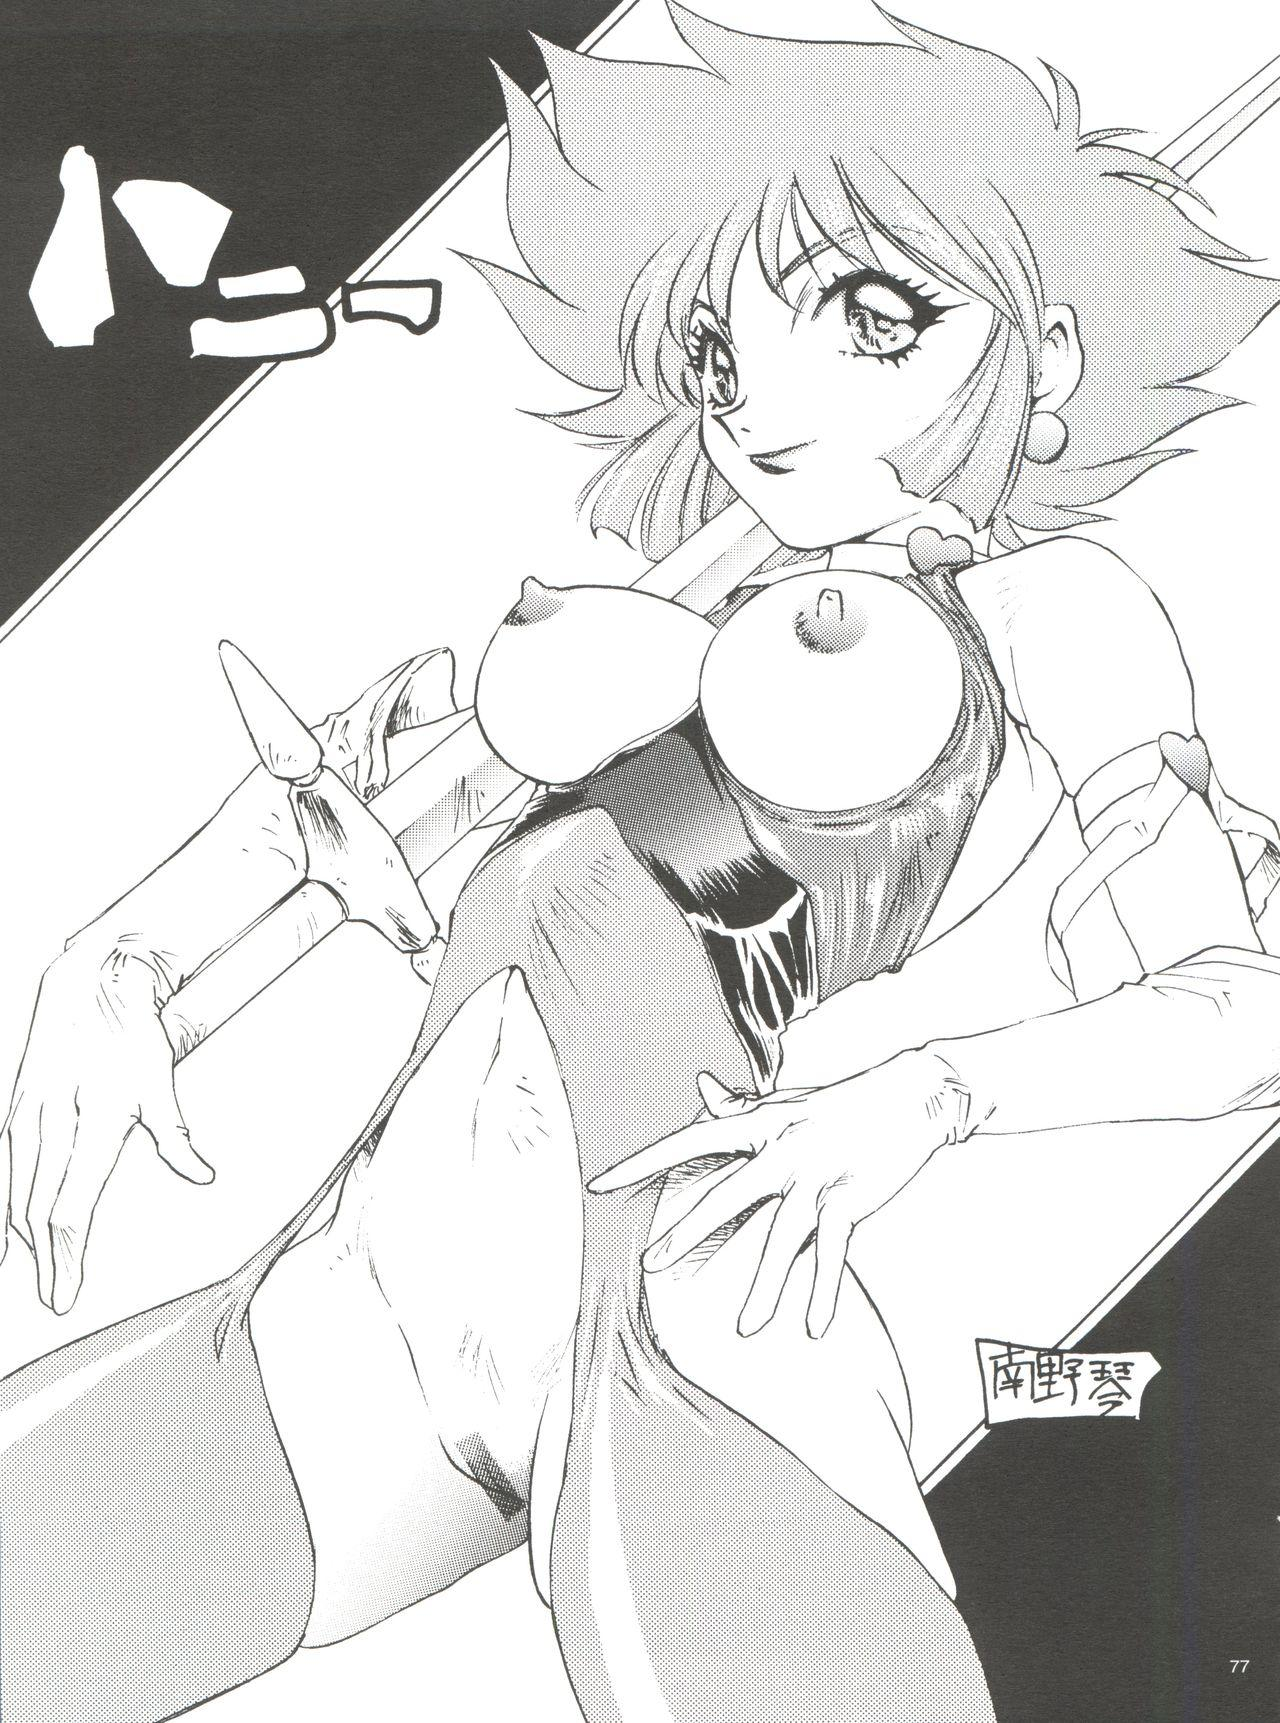 Wanpaku Anime Daihyakka Nanno Koto Jisensyuu Vol. 1 78